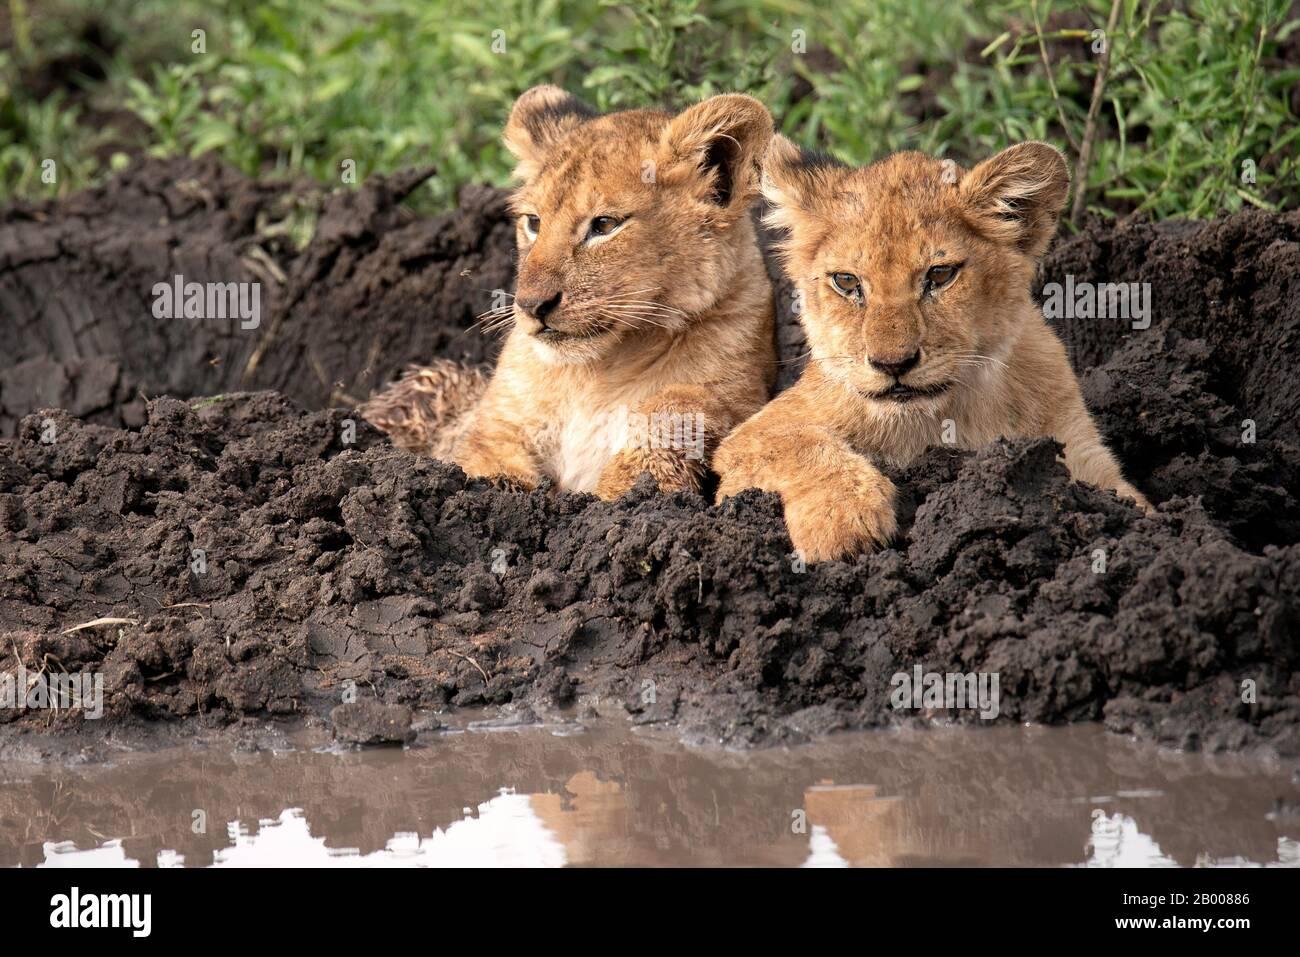 Cachorros de león posando para su foto, demasiado lindo para las palabras Foto de stock